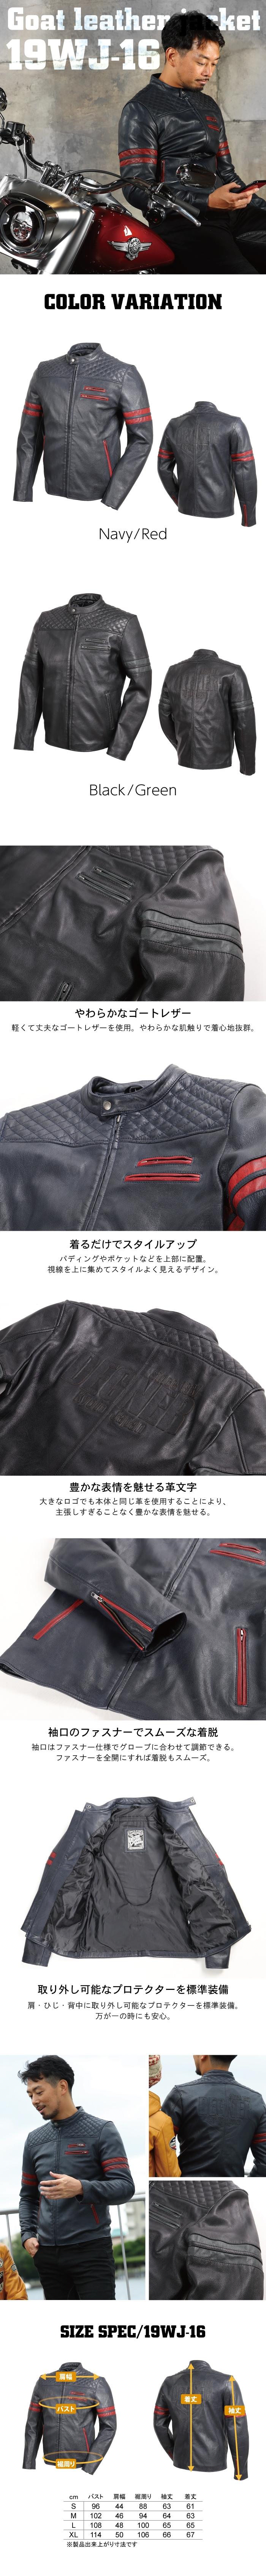 レザー 本革 やぎ革 シープ シングル ライダース ジャケット 秋 冬 男 19WJ-16 ワックス デグナー